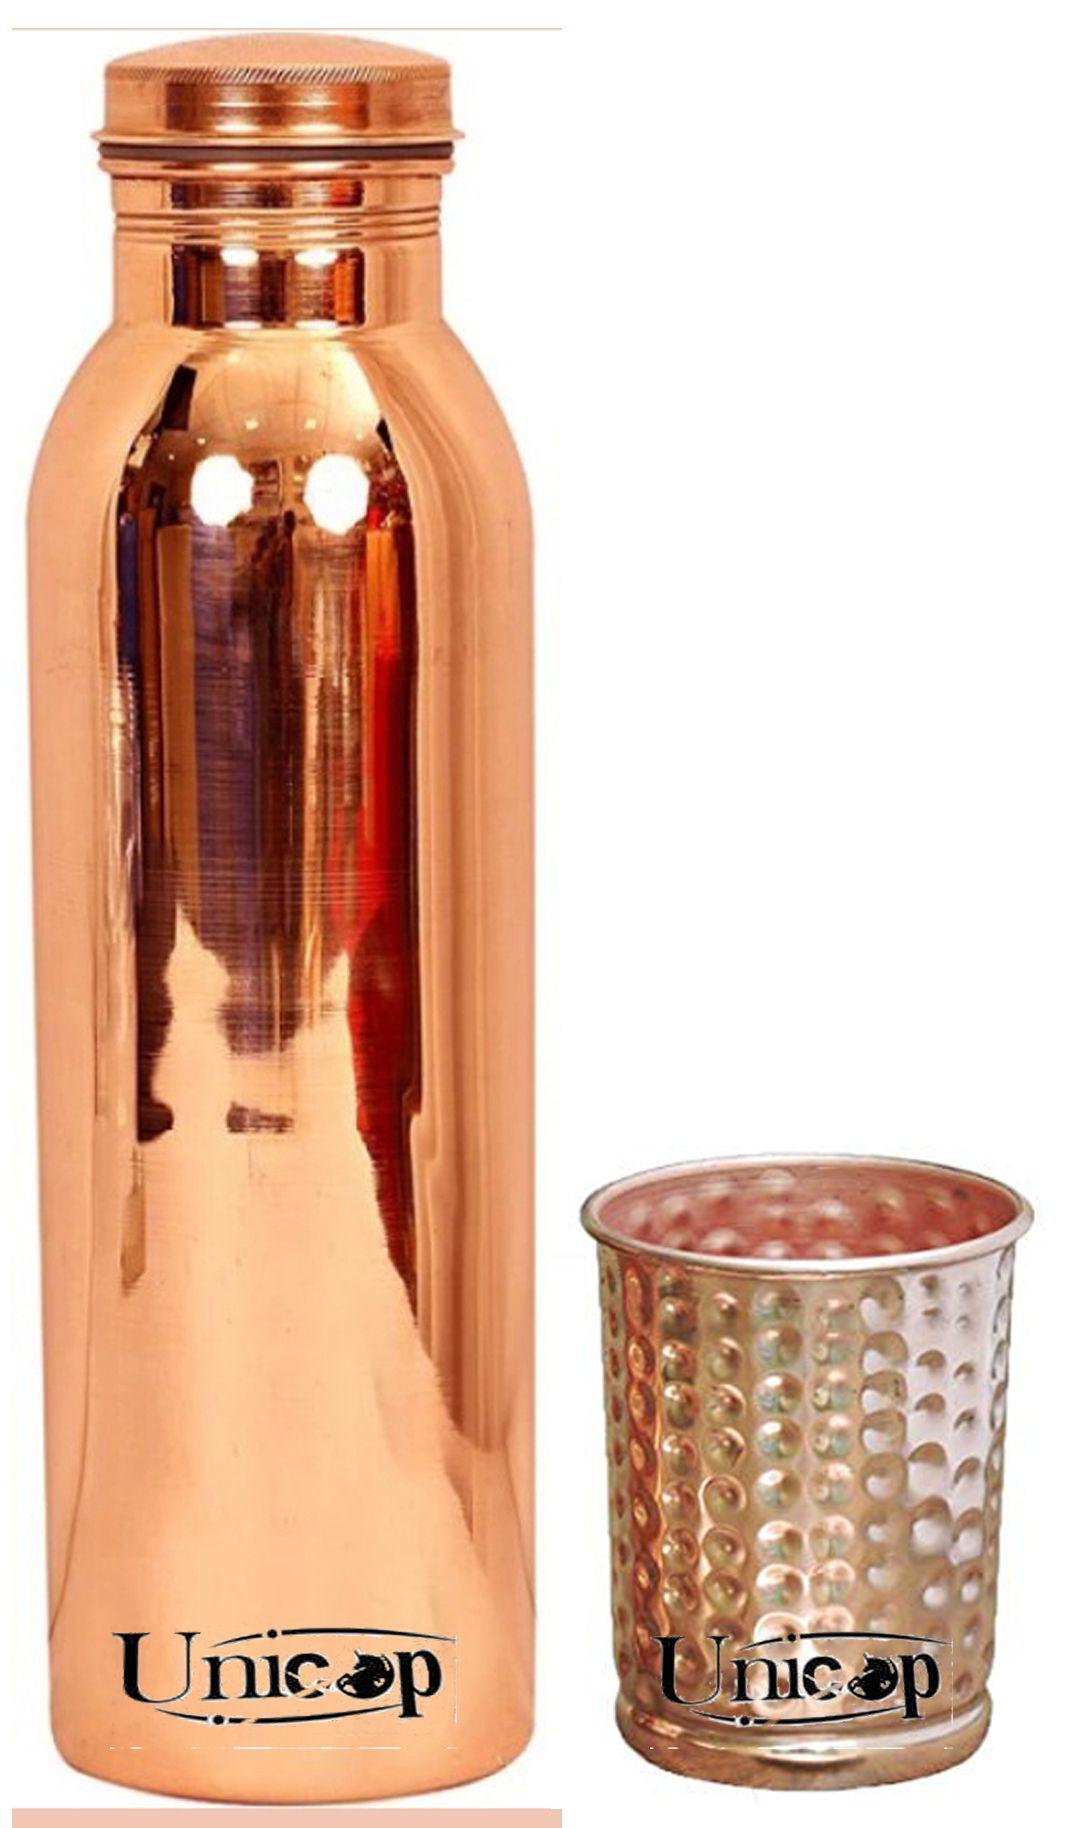 UNICOP Copper Bottle Gift 2 Pcs Lemon set